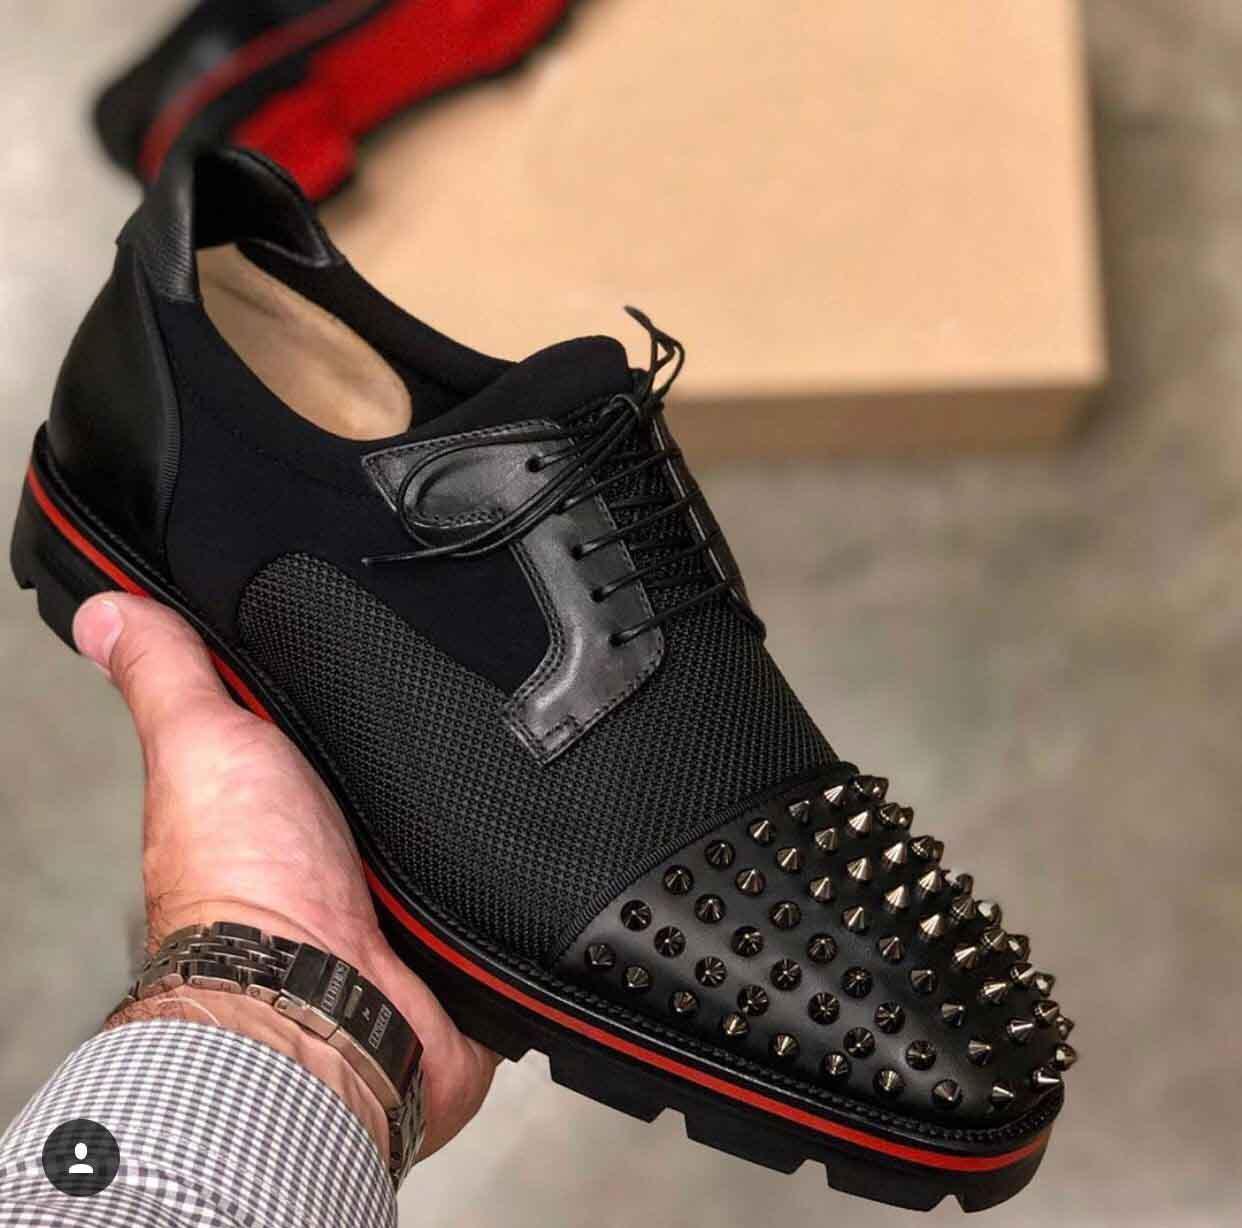 Derby Luis Mika Sky Gentleman Red Bottom Oxford Gehen Männer Partei-Hochzeit Loafer Schuhe Luxus-Schuhe Hombre 38-46